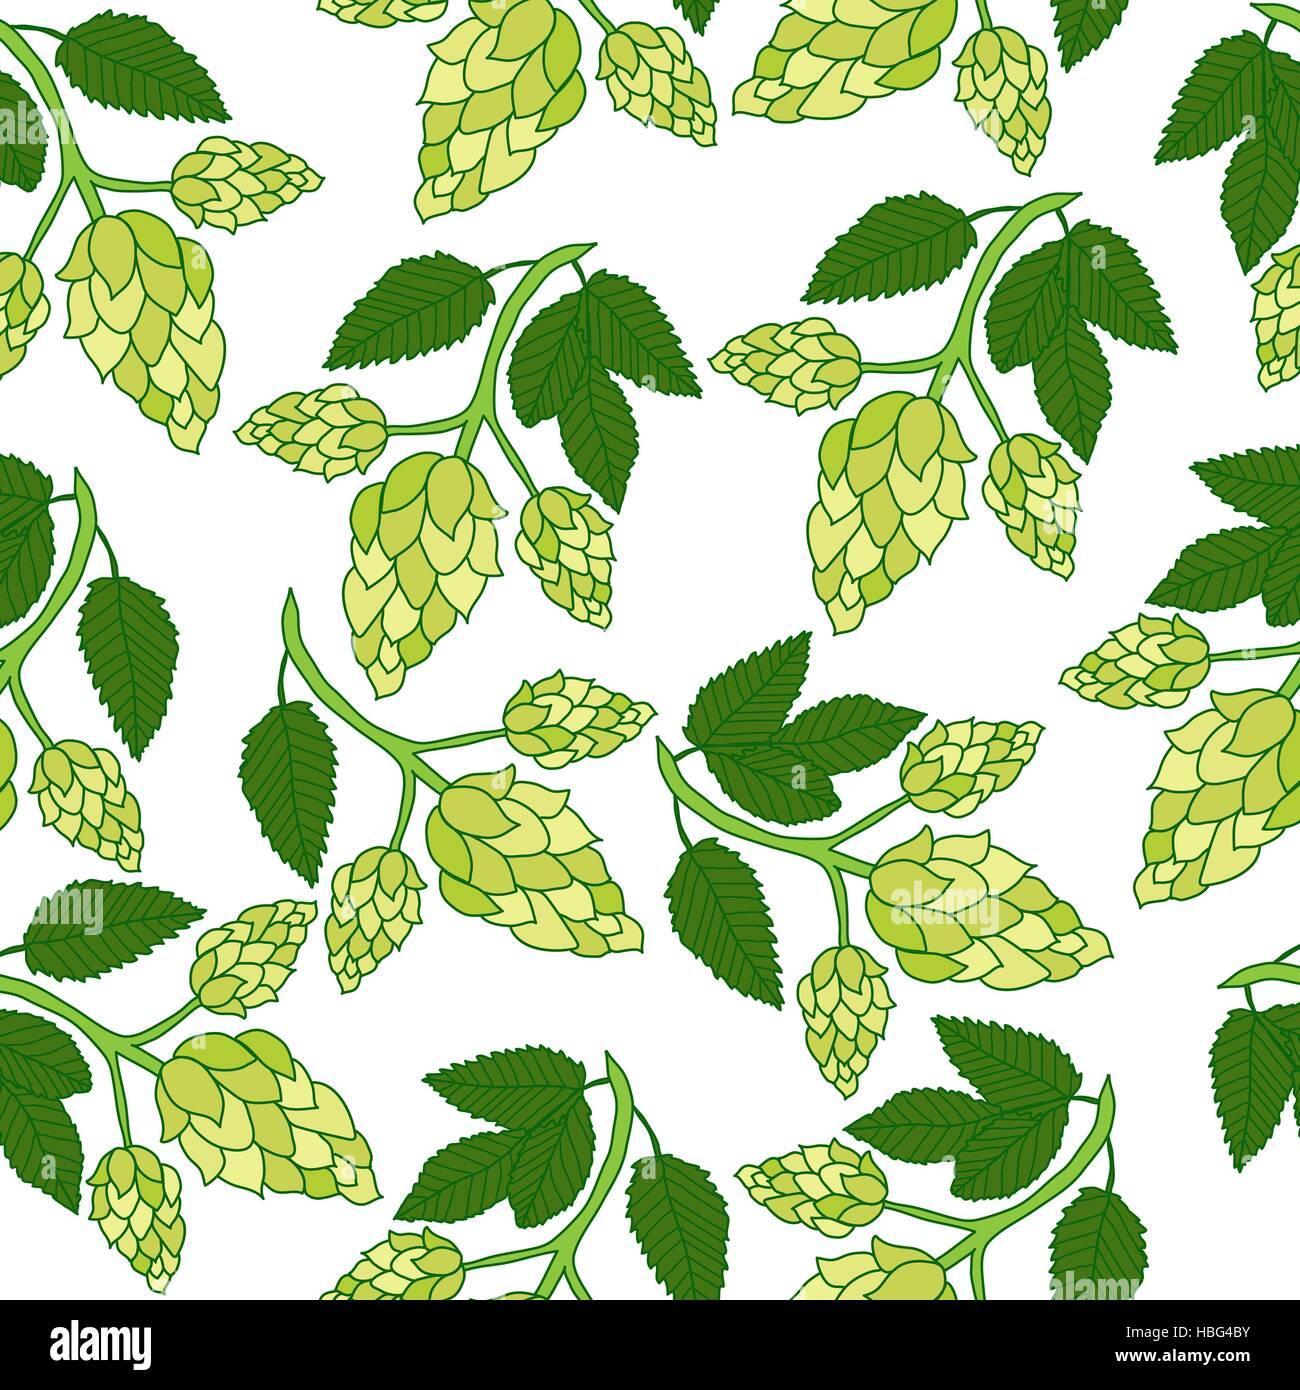 El l pulo planta patr n sin fisuras estilo de dibujo a for Papel tapiz de patron para el pasillo